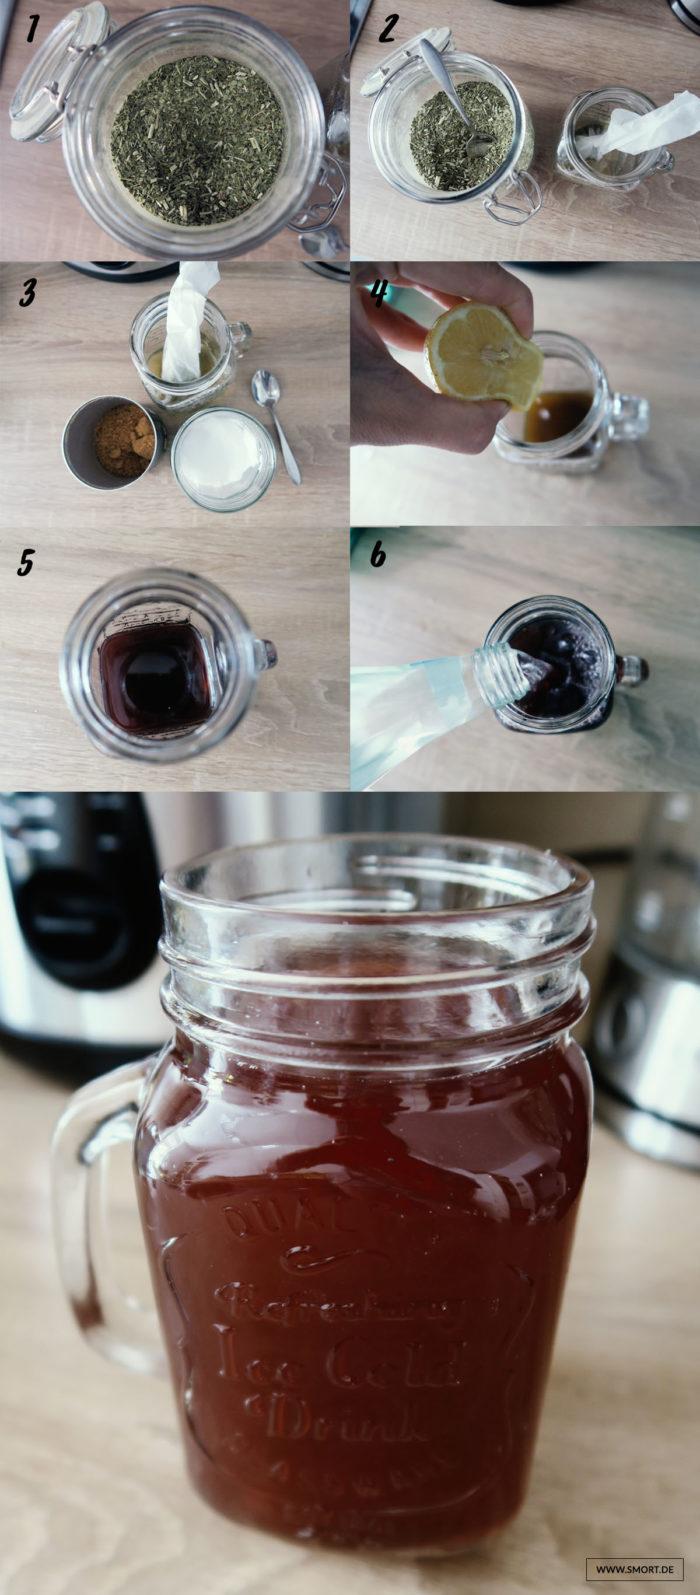 Gesunde Kaffee-Alternativen mit Koffein im Test: Mate Tee mit Rezeptidee